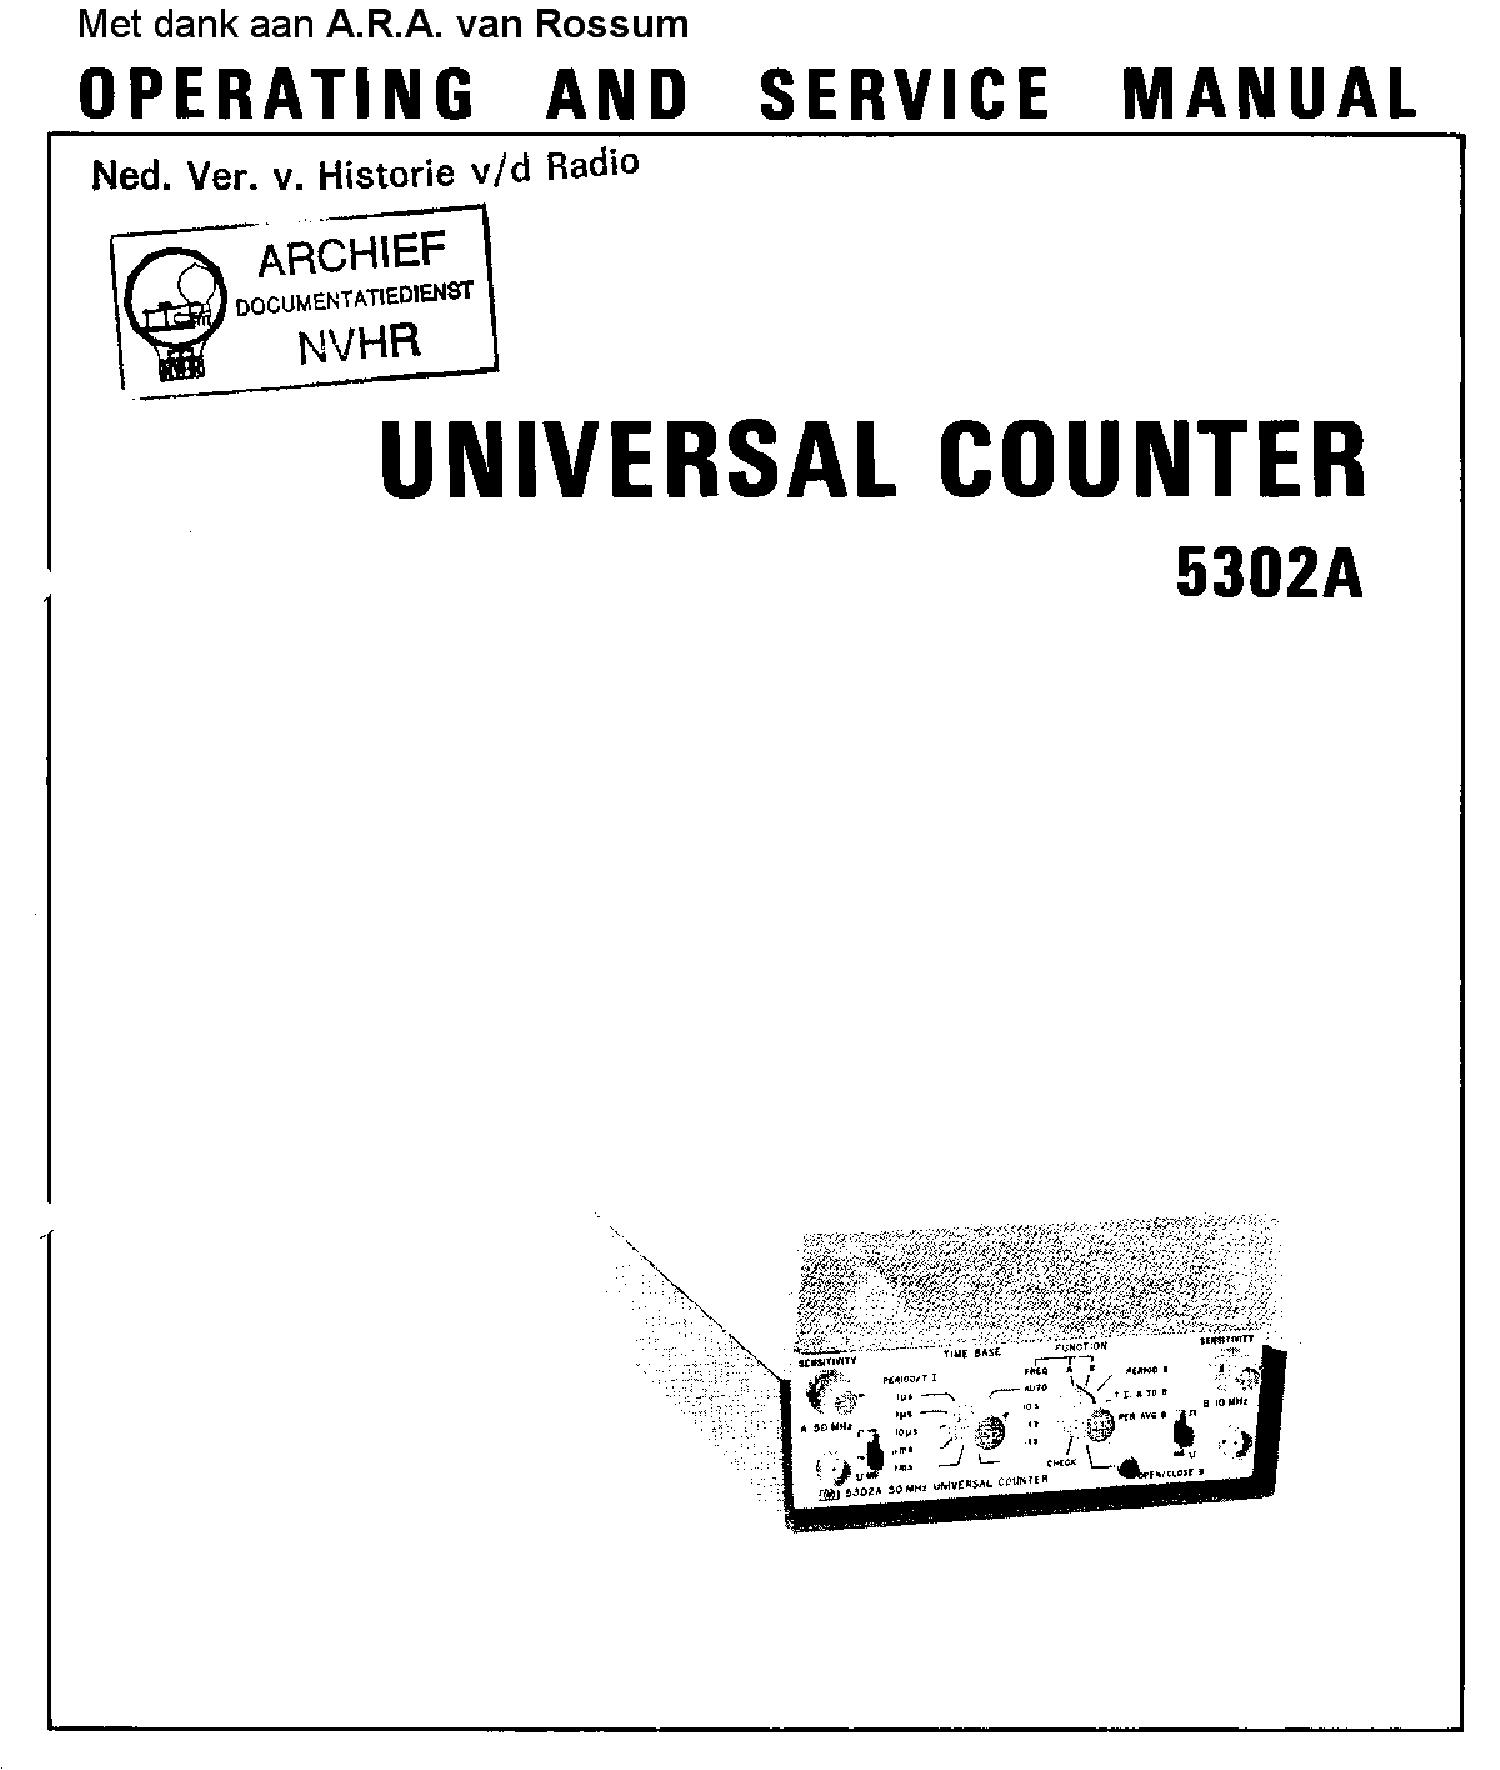 HEWLETTPACKARD 5302A 50MHZ UNIVERSAL COUNTER 1975 SM